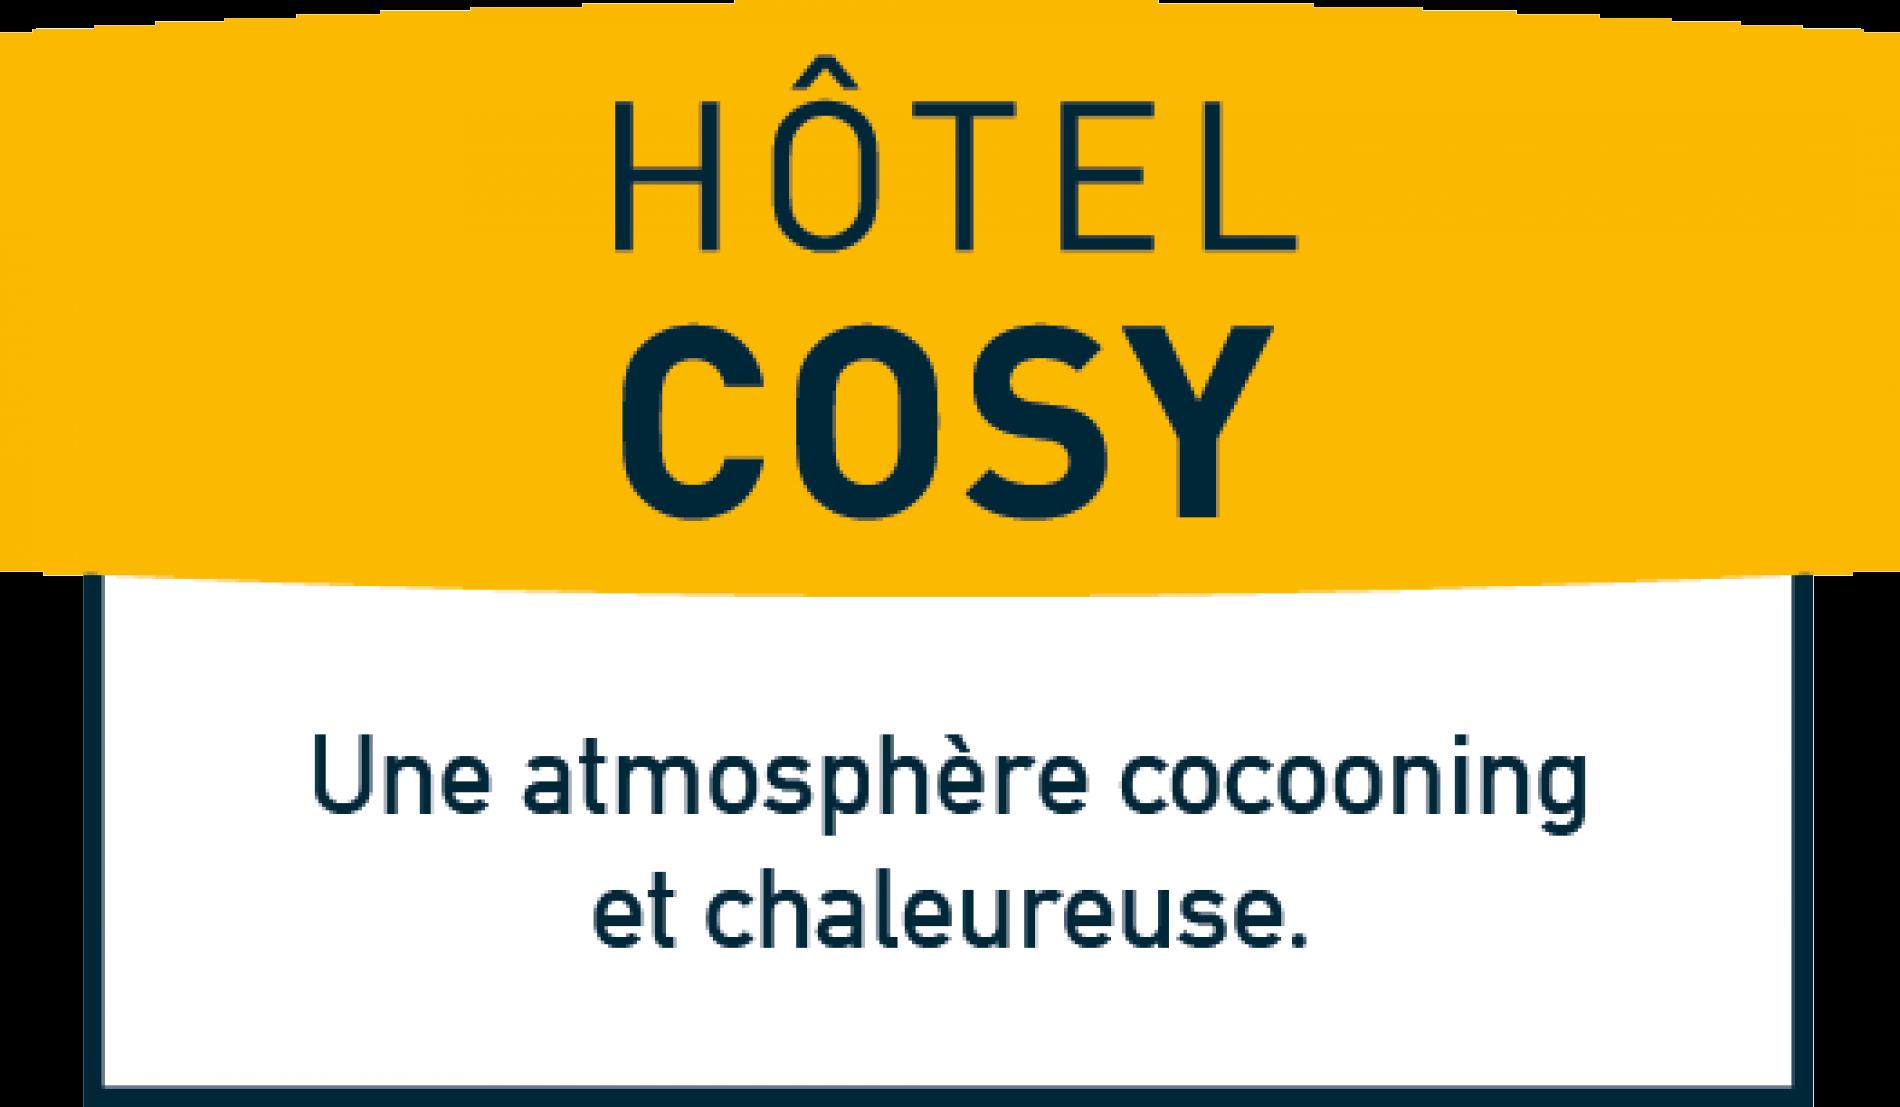 Nouveau logo logis hôtel cosy